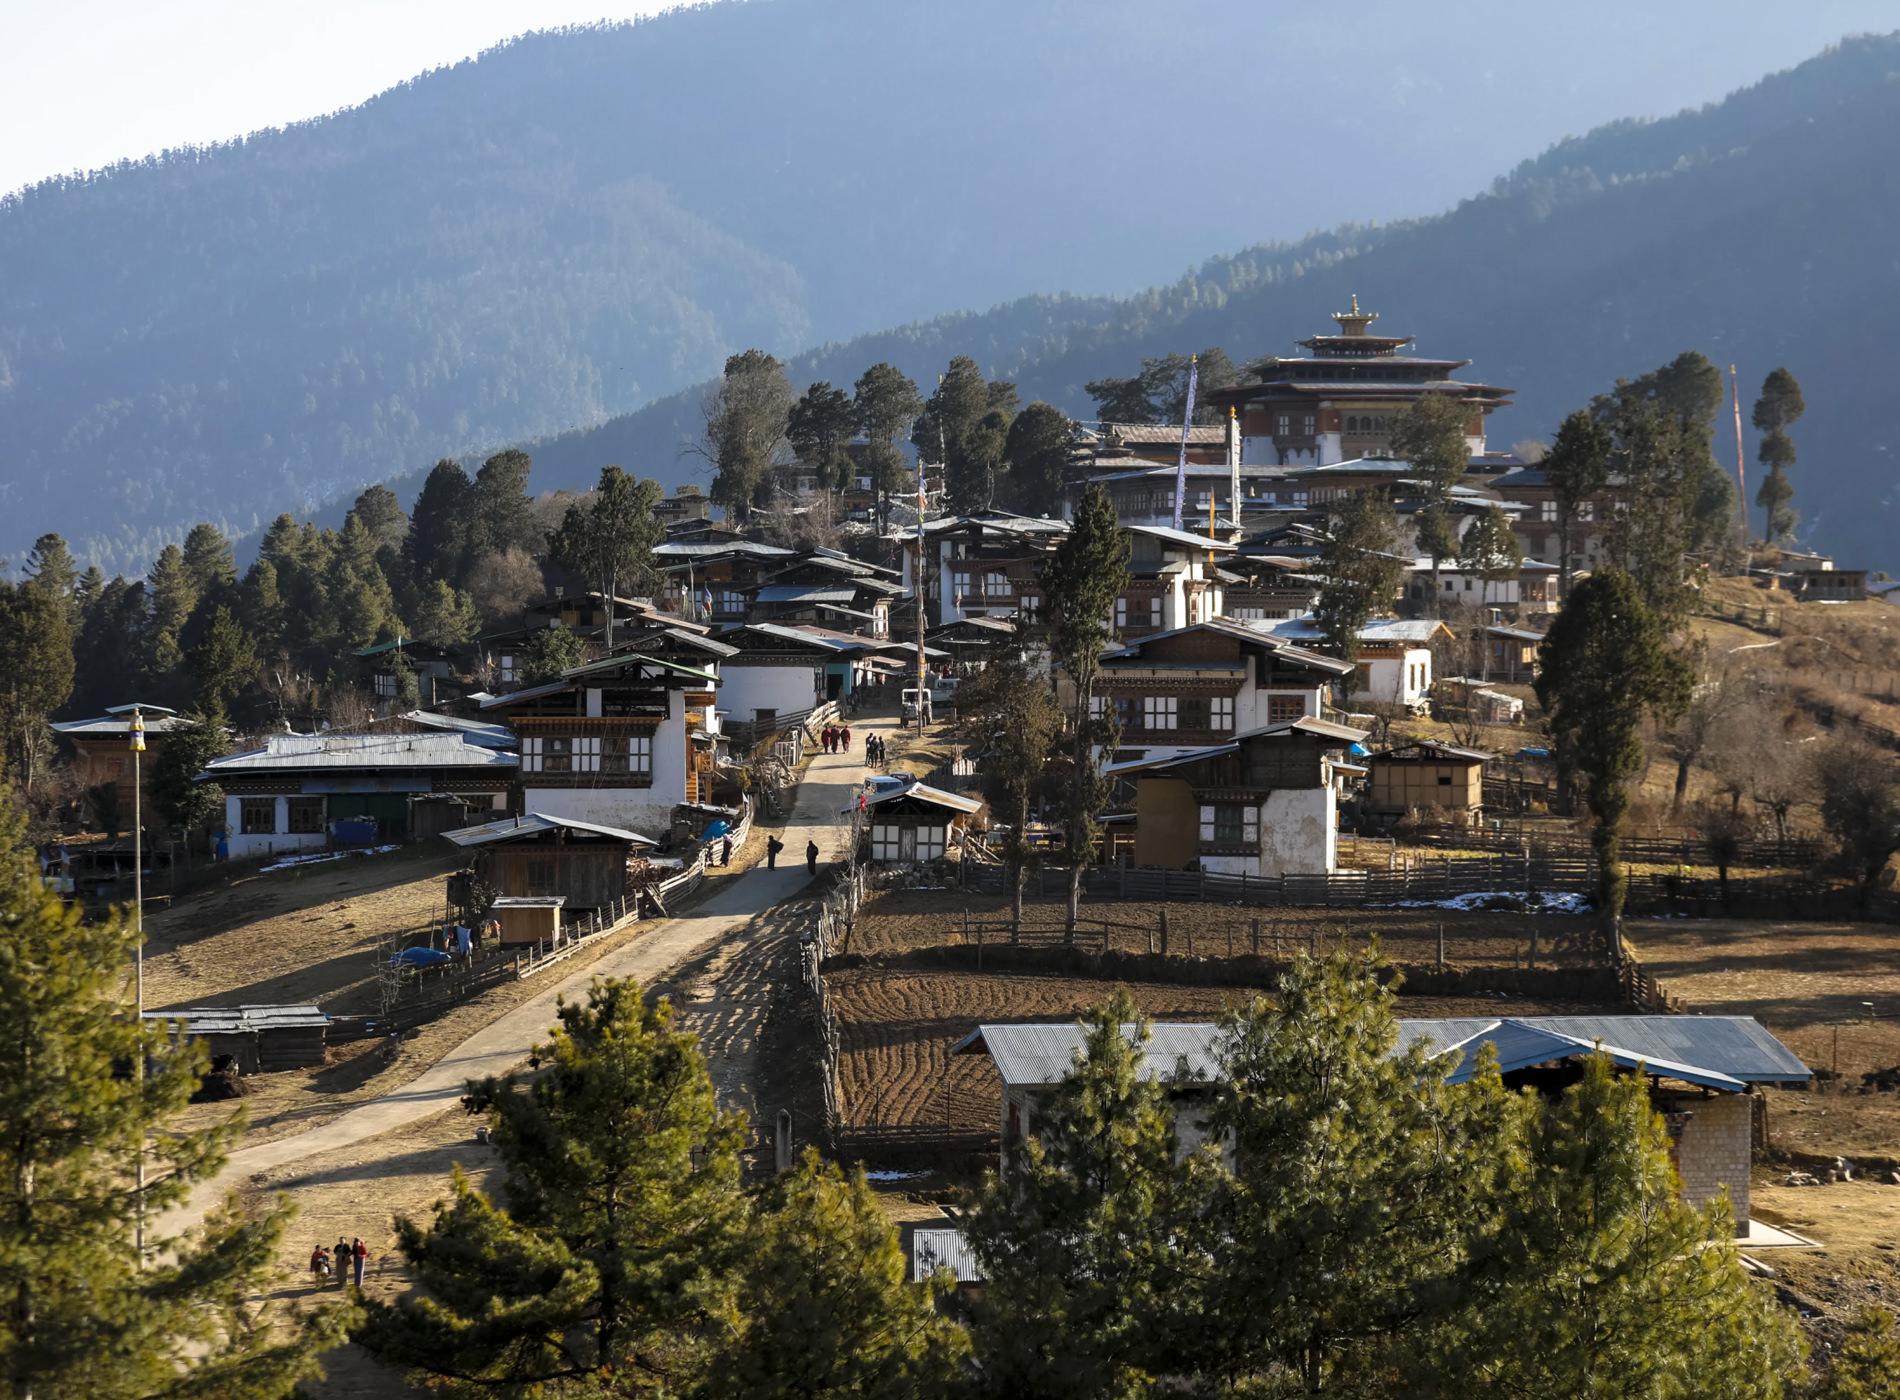 Amankora Lodges Bhoutan Gangtey Lodge Village